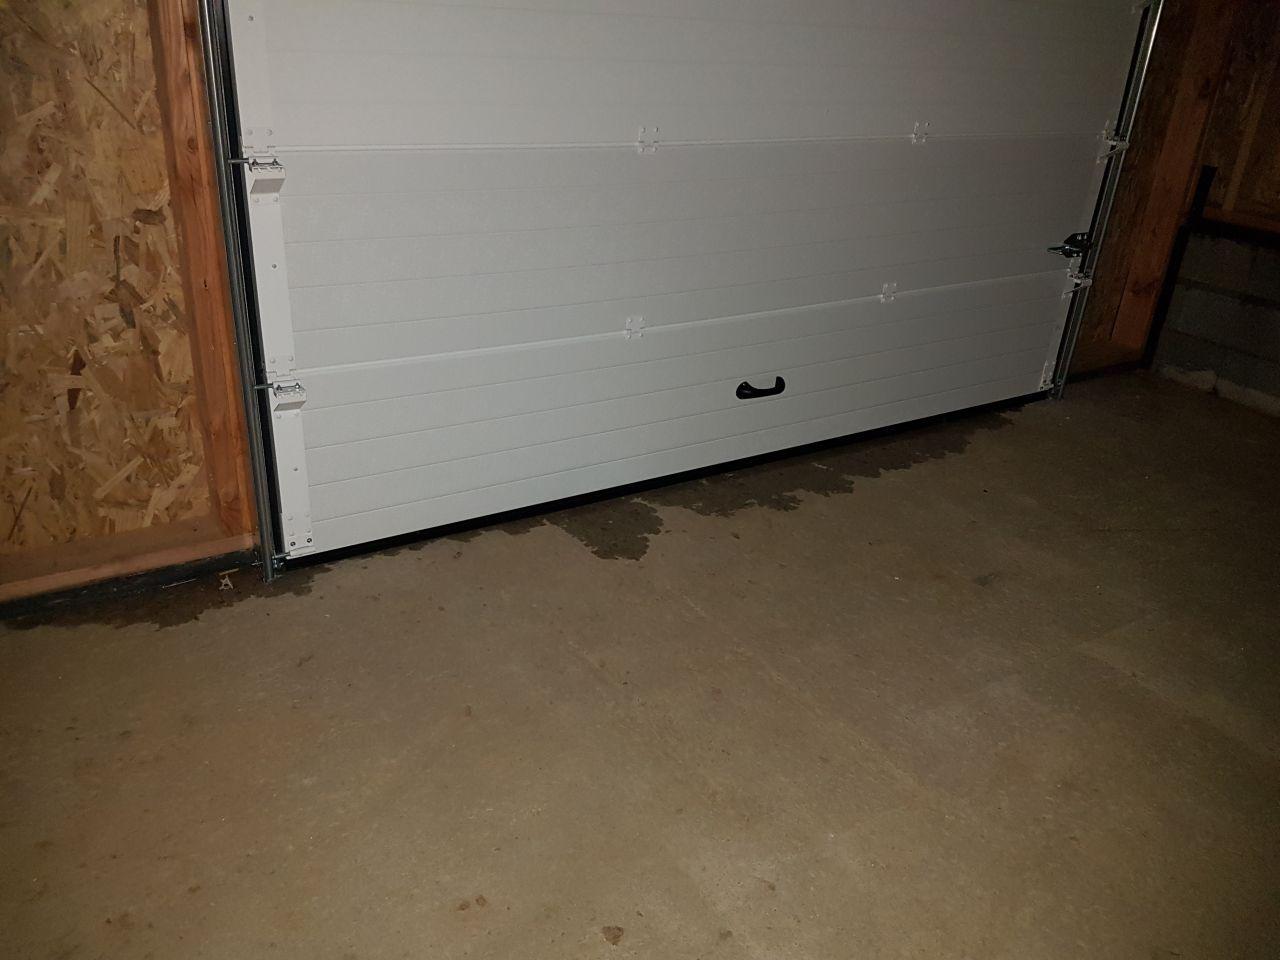 la porte de garage Aludoor a été posée lundi 3 février, sauf que l'eau s'infiltre car on n'a pas prévu de pente pour l'écoulement des eaux de pluie